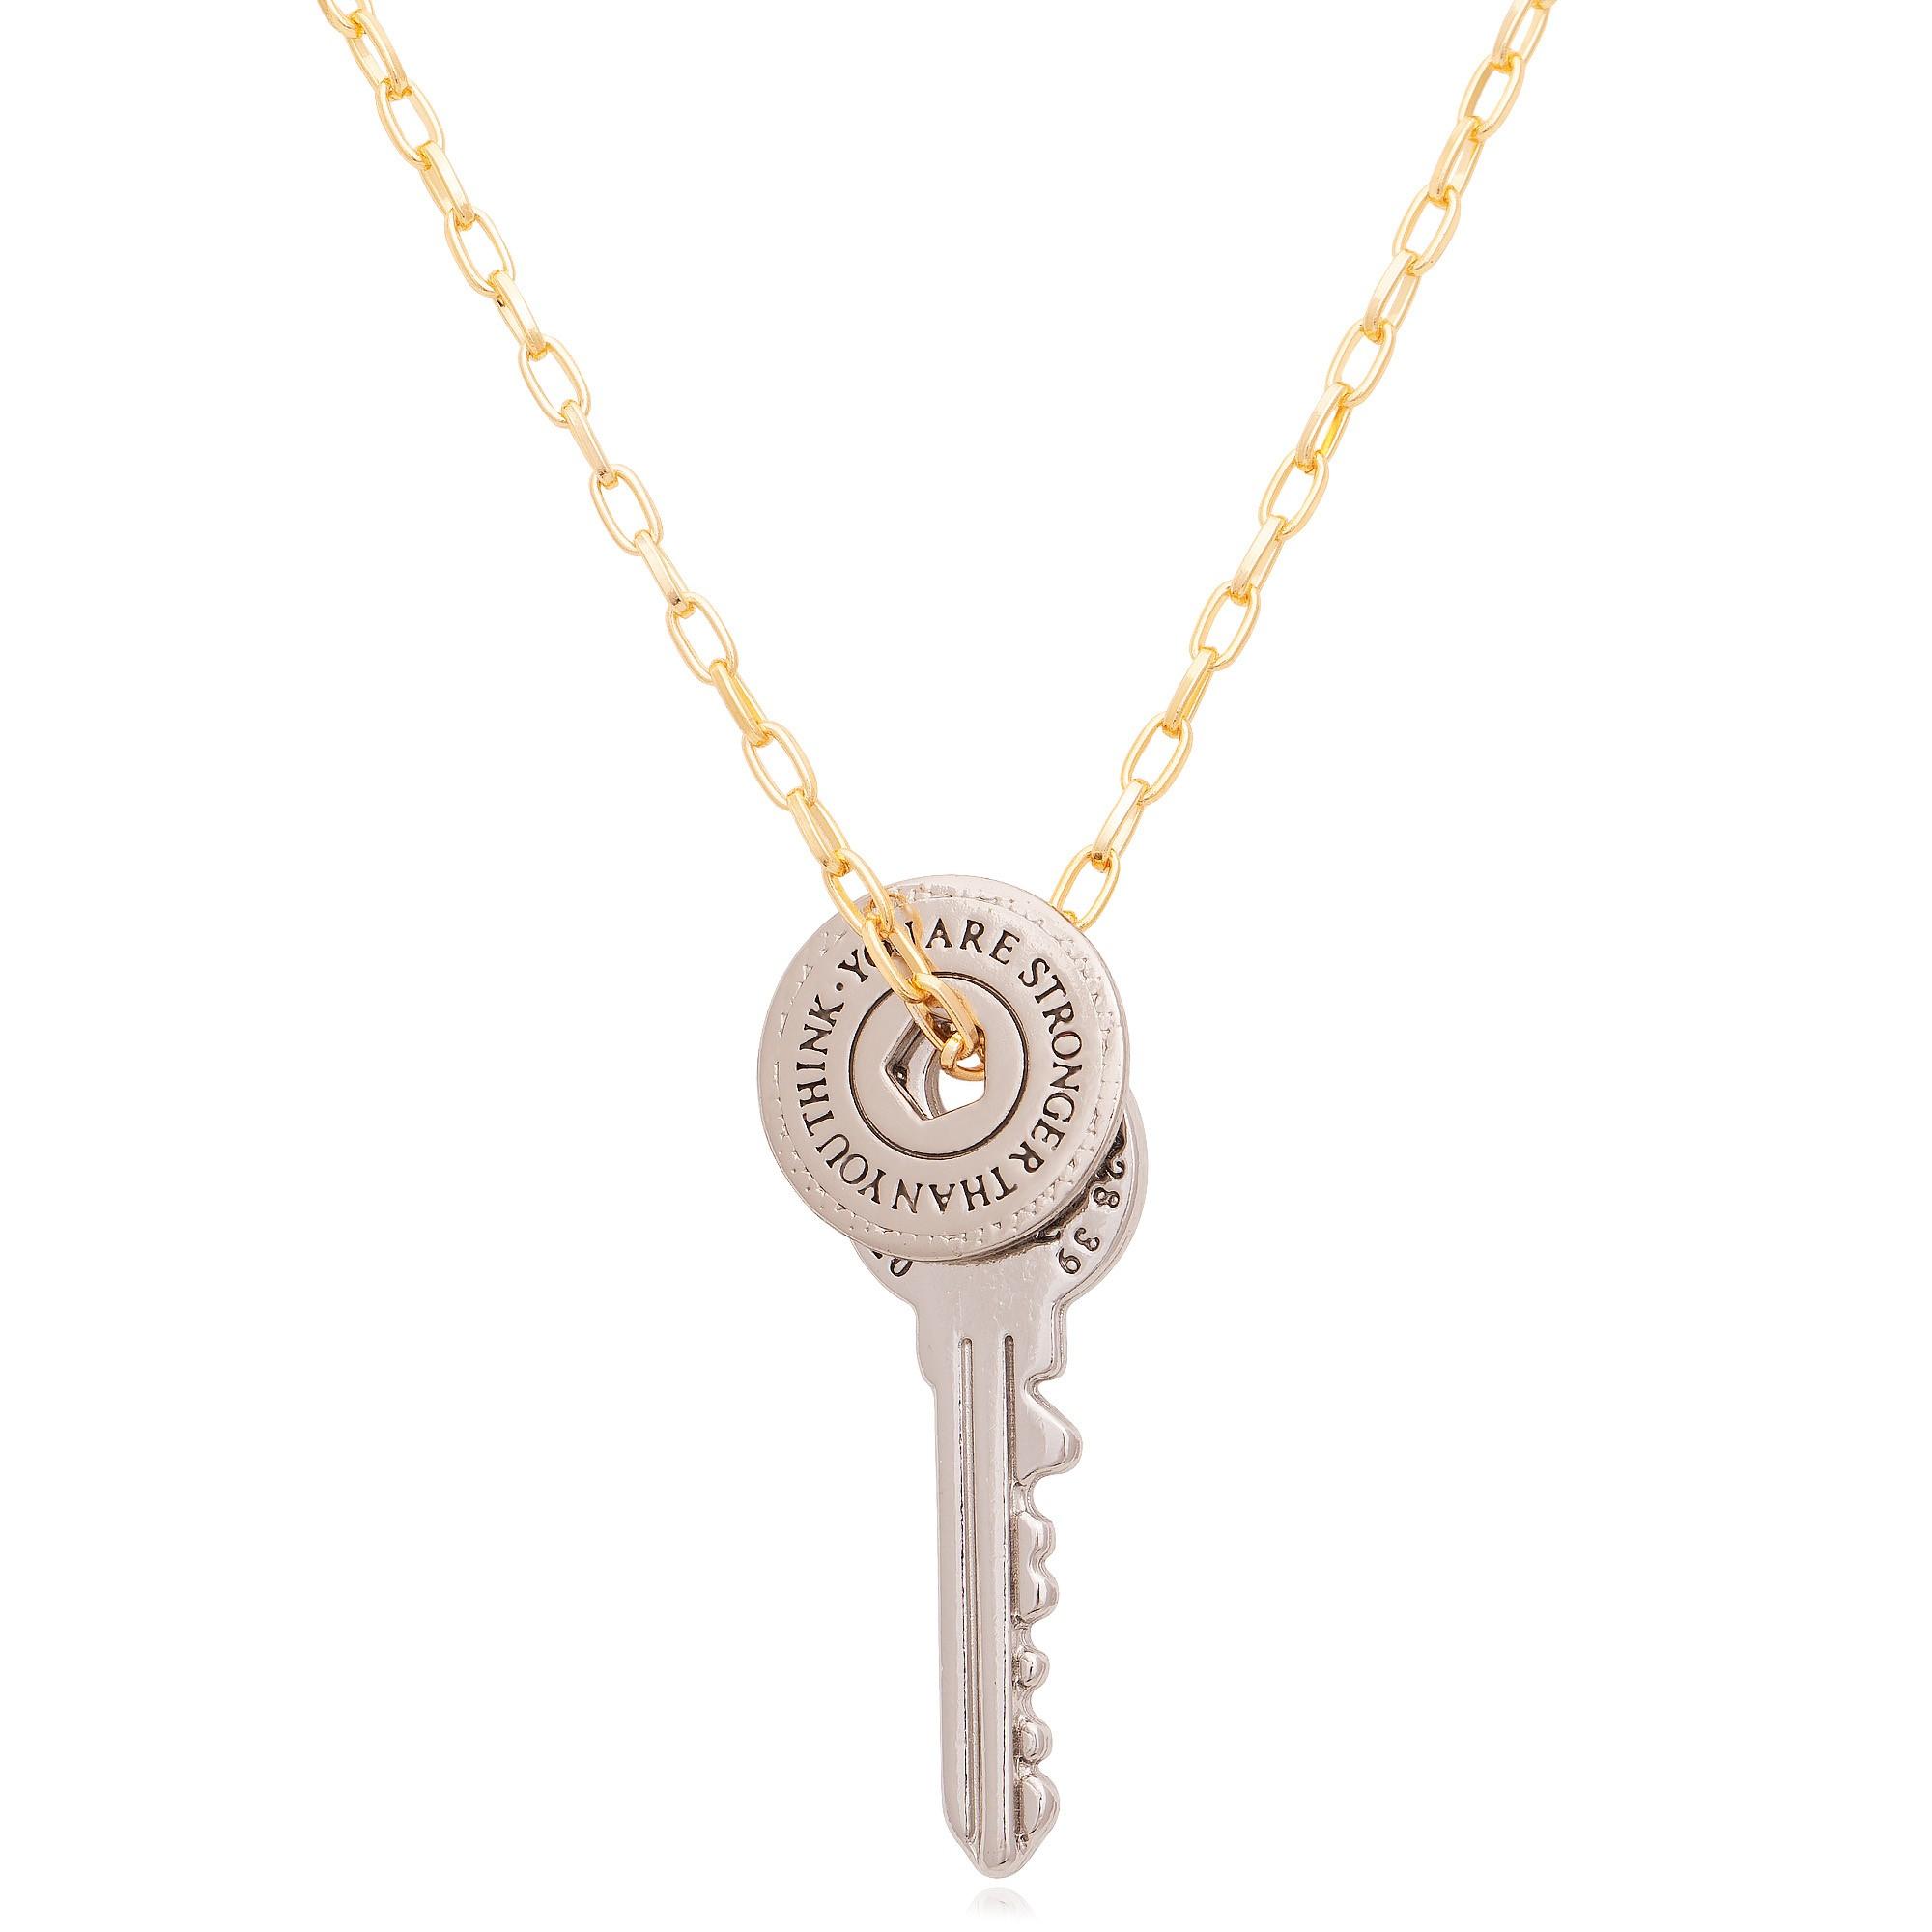 Colar com pingente chave banhado a ouro 18K  - romabrazil.com.br